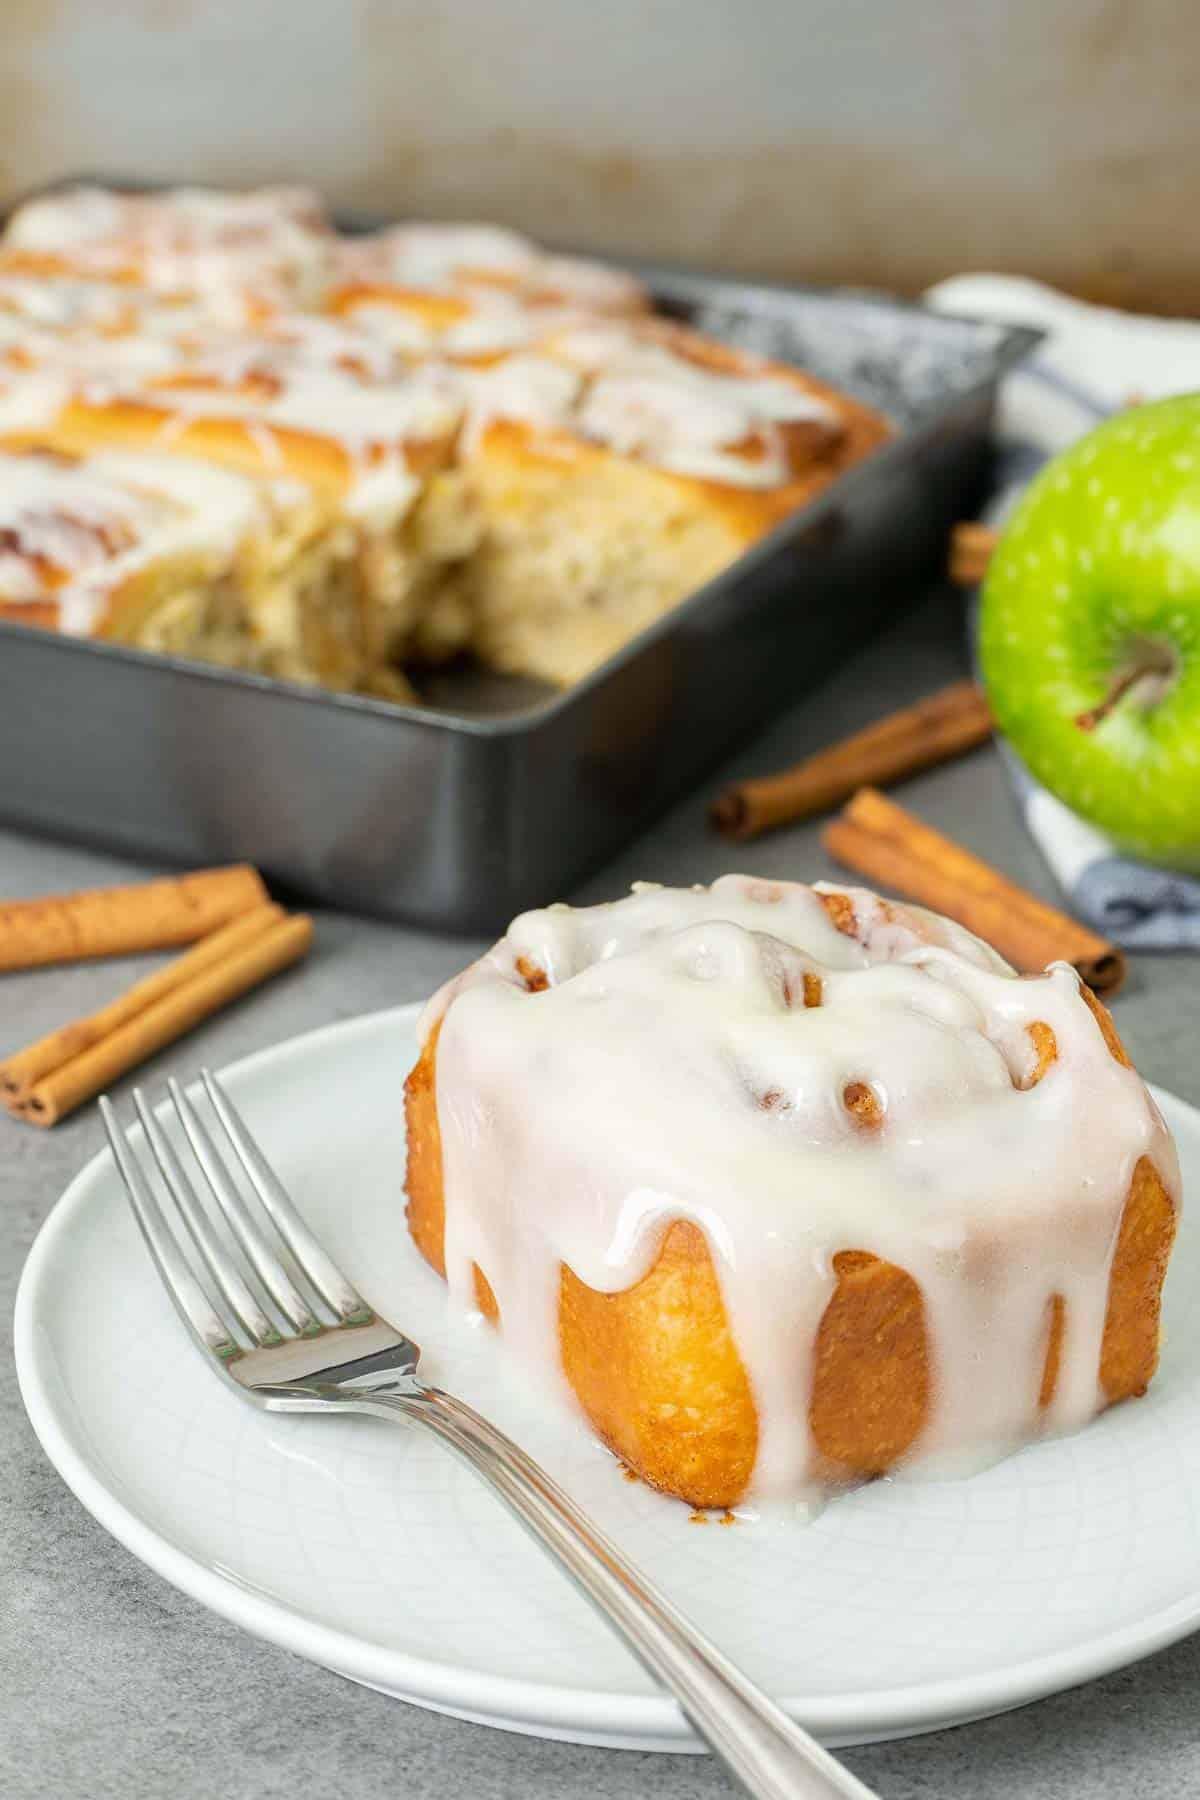 apple cinnamon roll served on a plate.